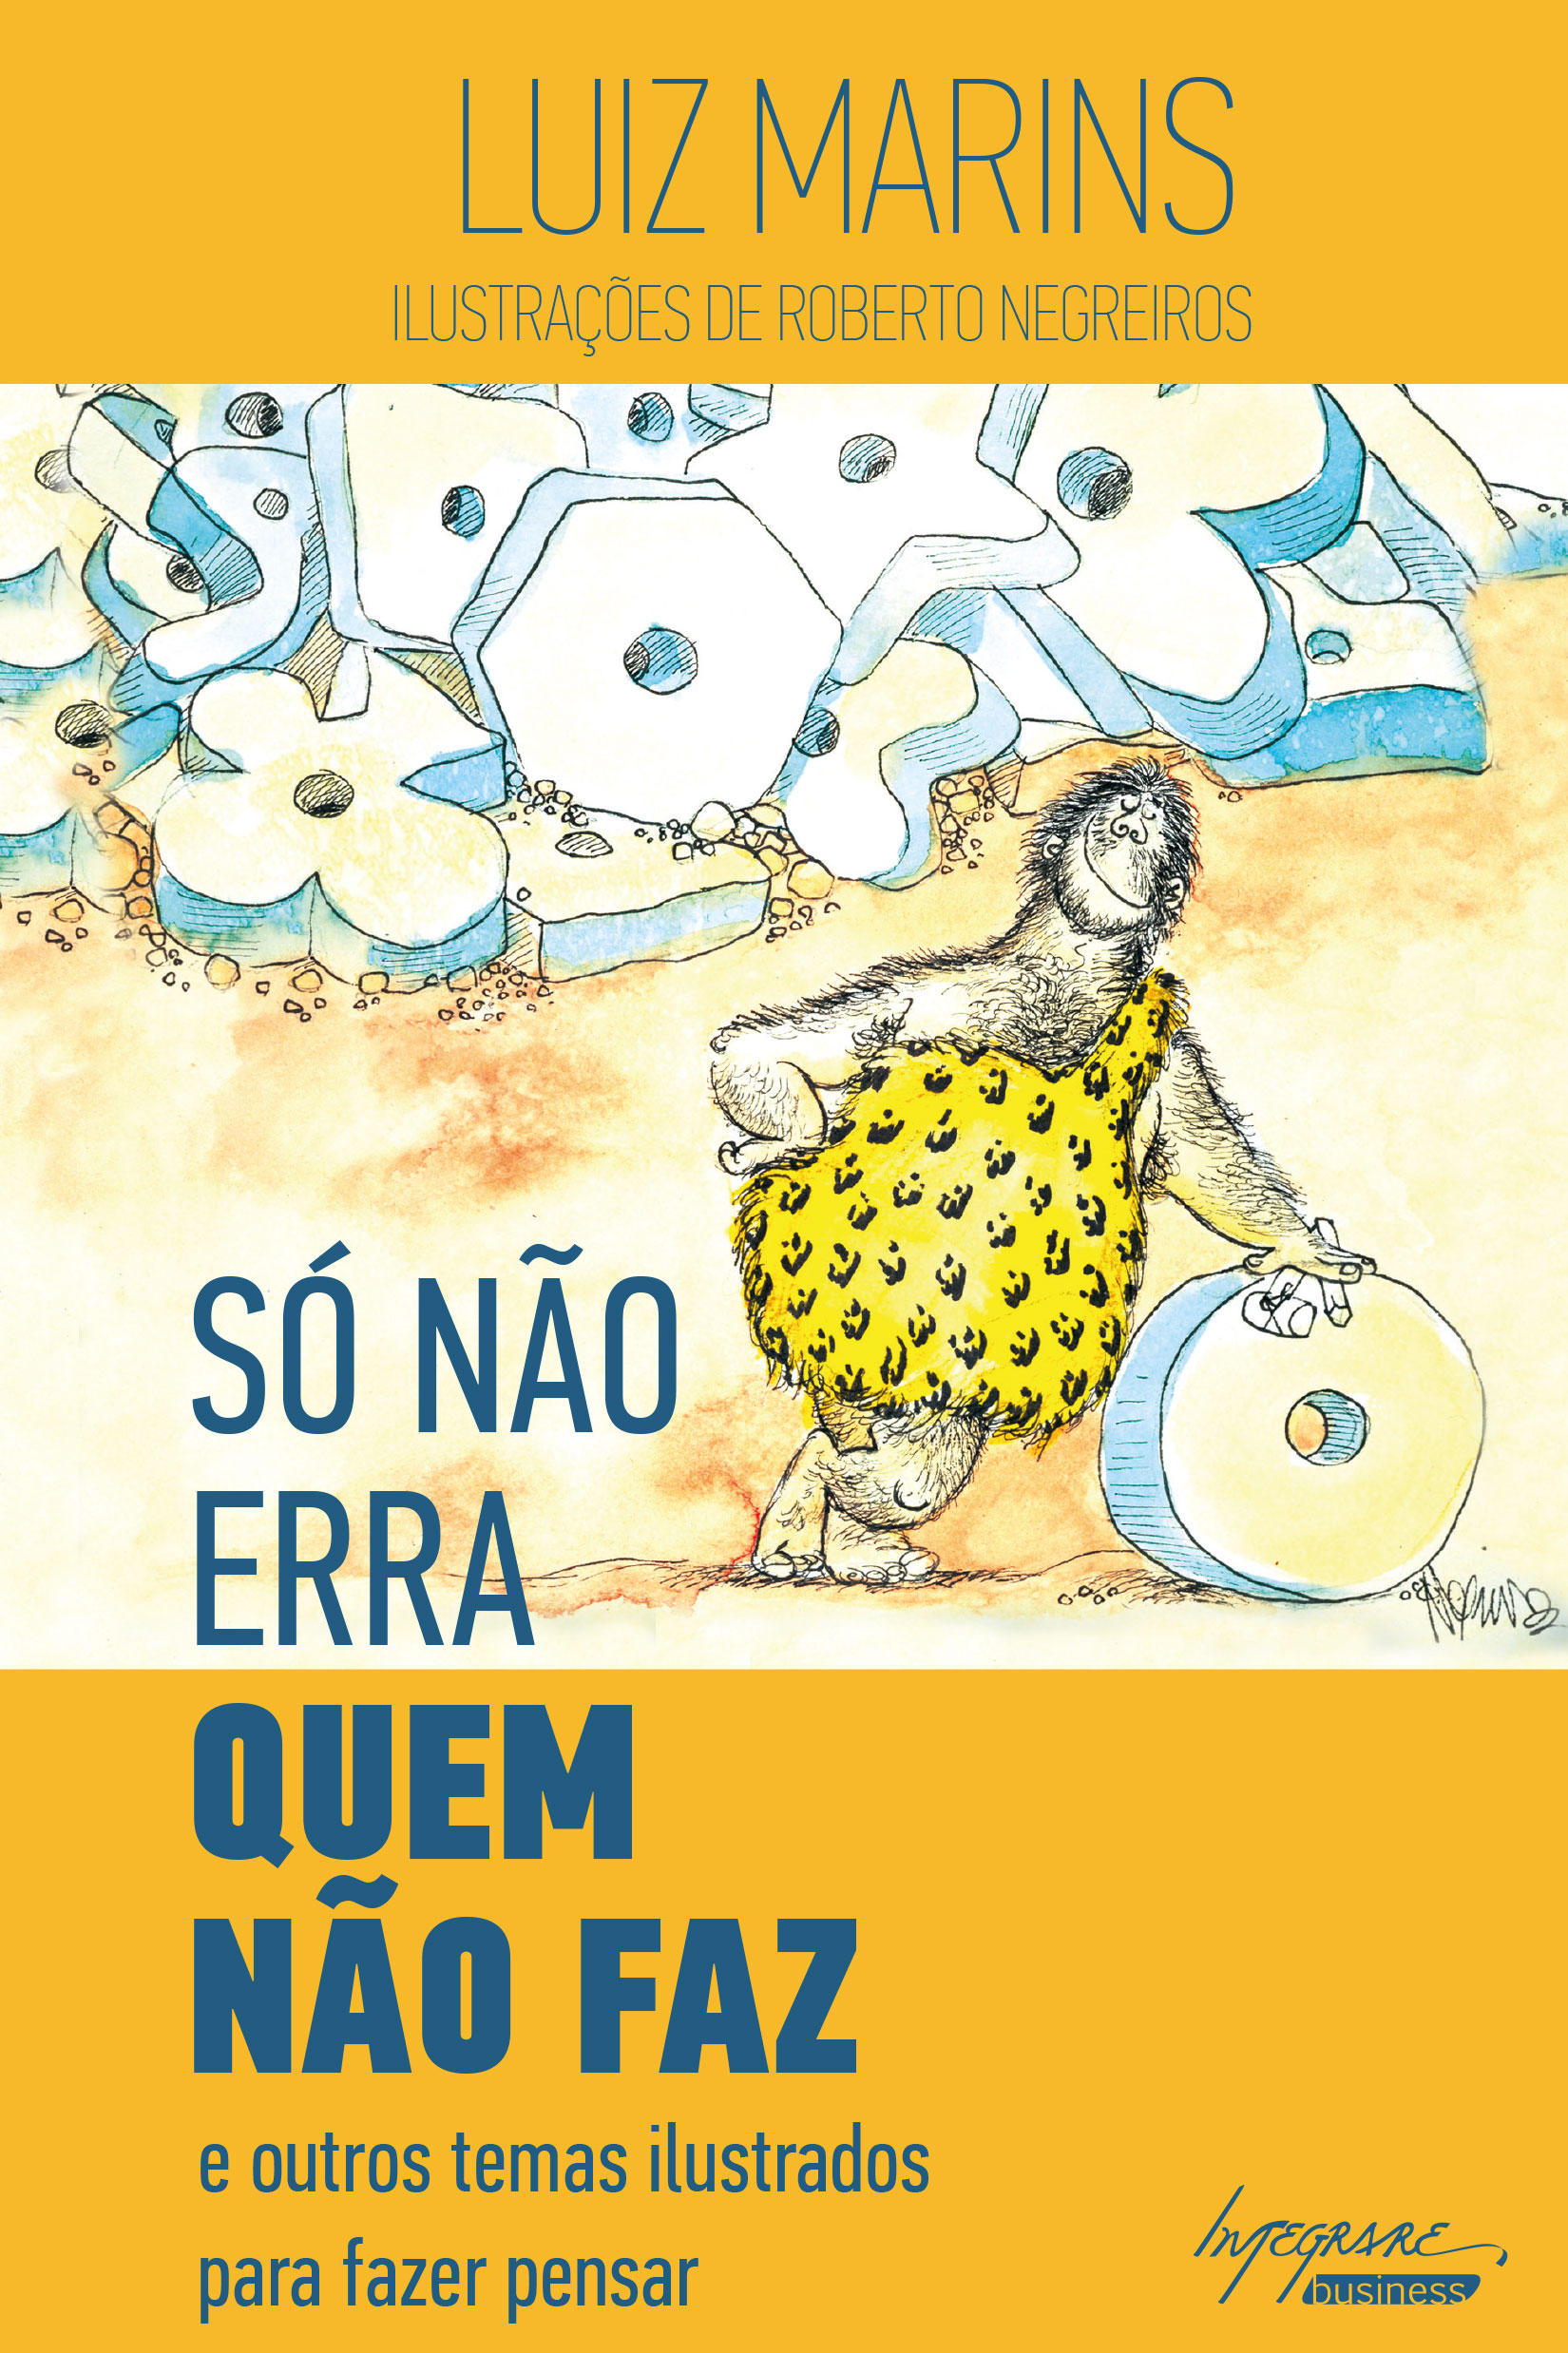 Capa do Livro Só não erra quem não faz, de Luiz Martins para editora Integrare.